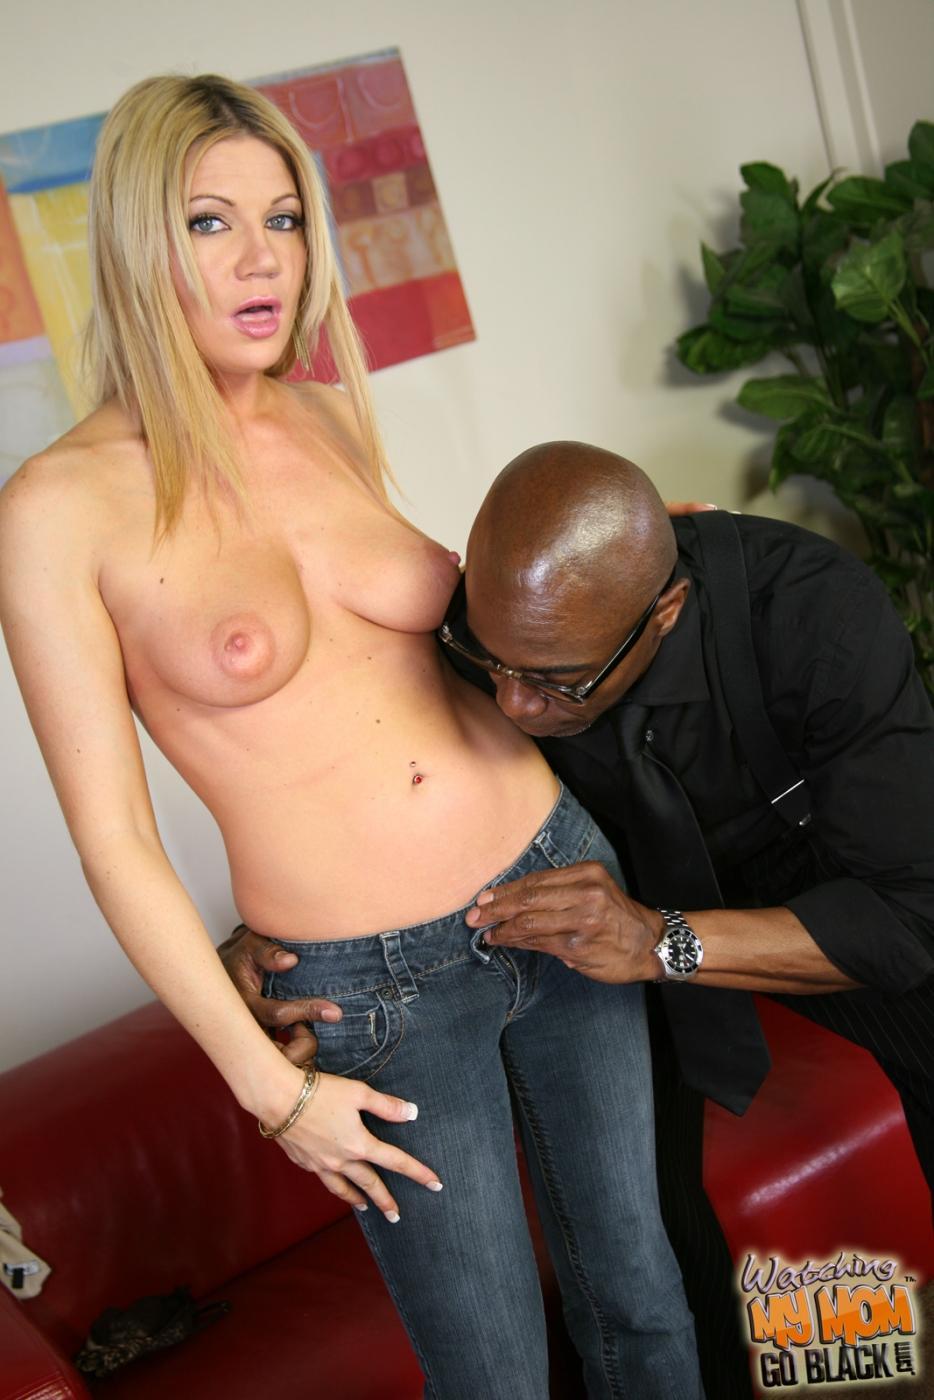 Порочная мамуля Christina Skye бессовестно ест черный член пацана напротив своего мужа!